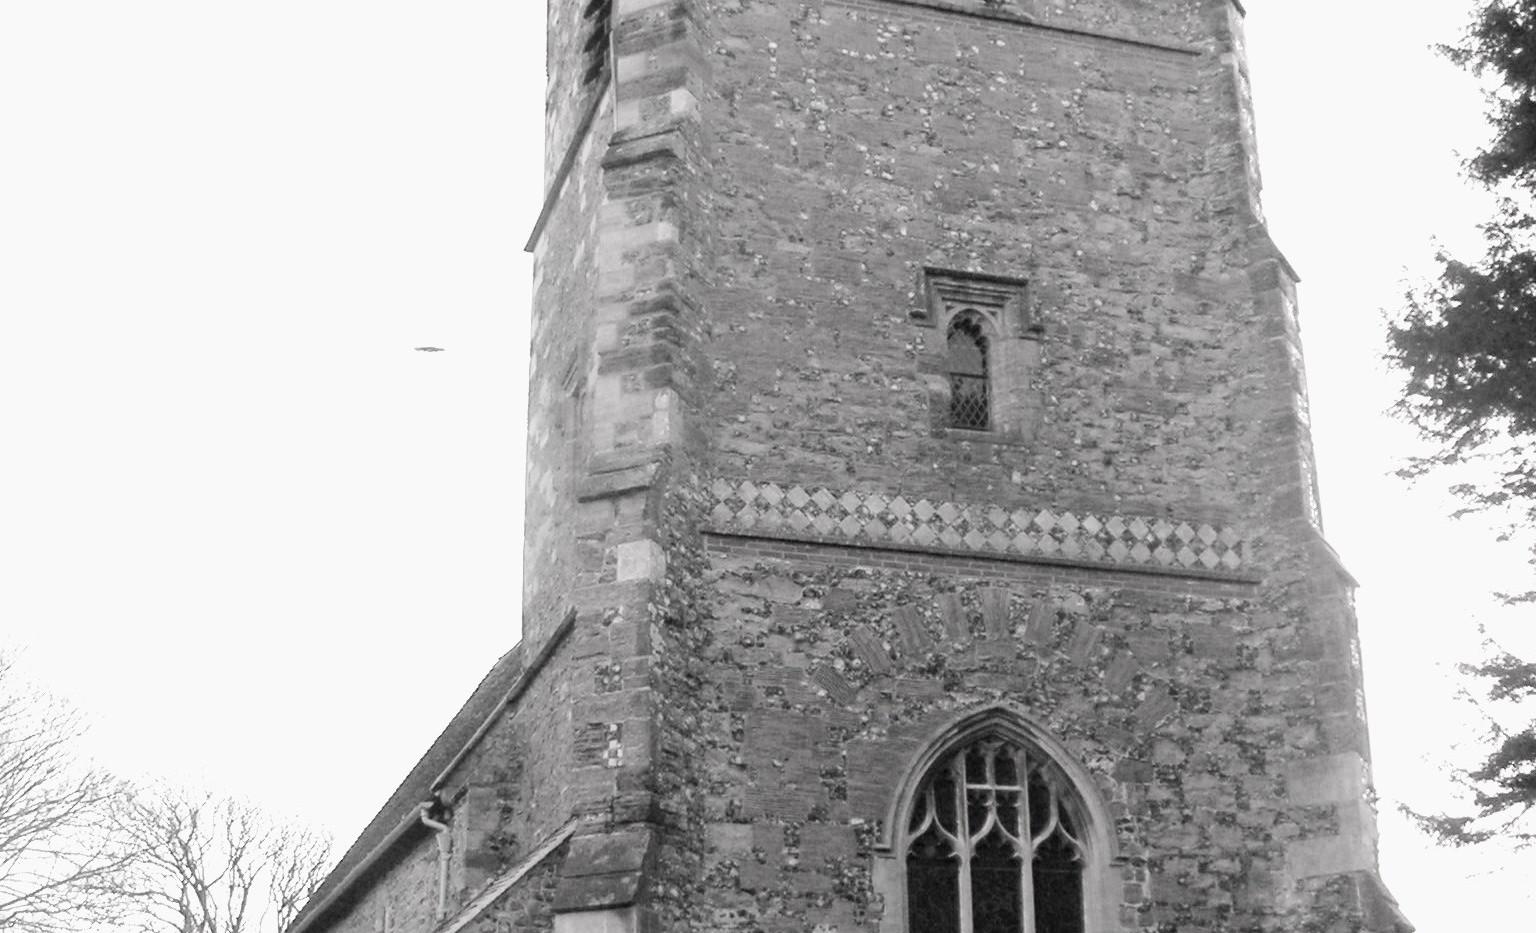 Church Tower B&W 2.jpg